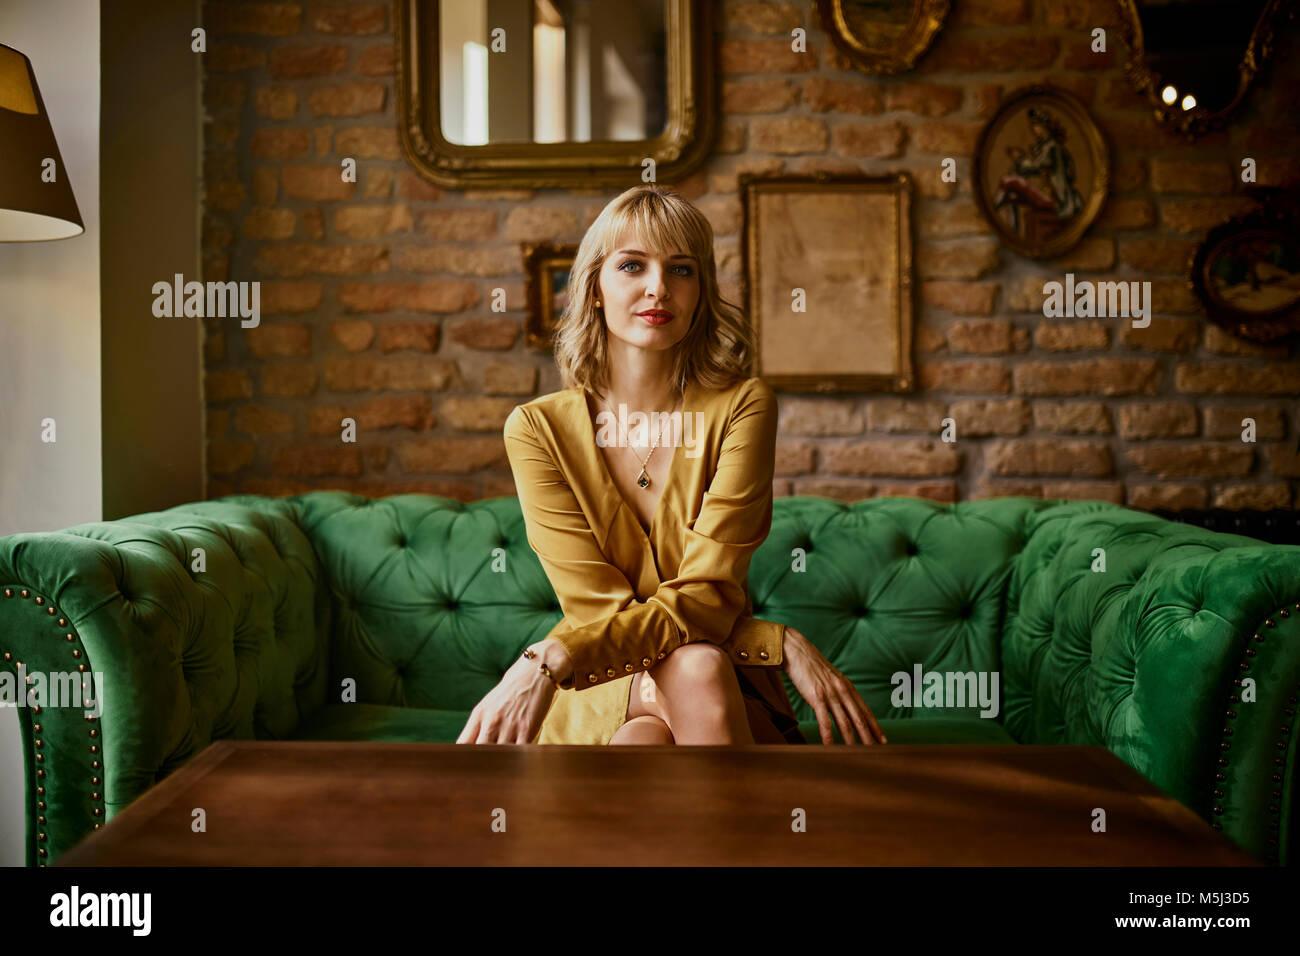 Retrato de mujer elegante sentados en un sofá Foto de stock